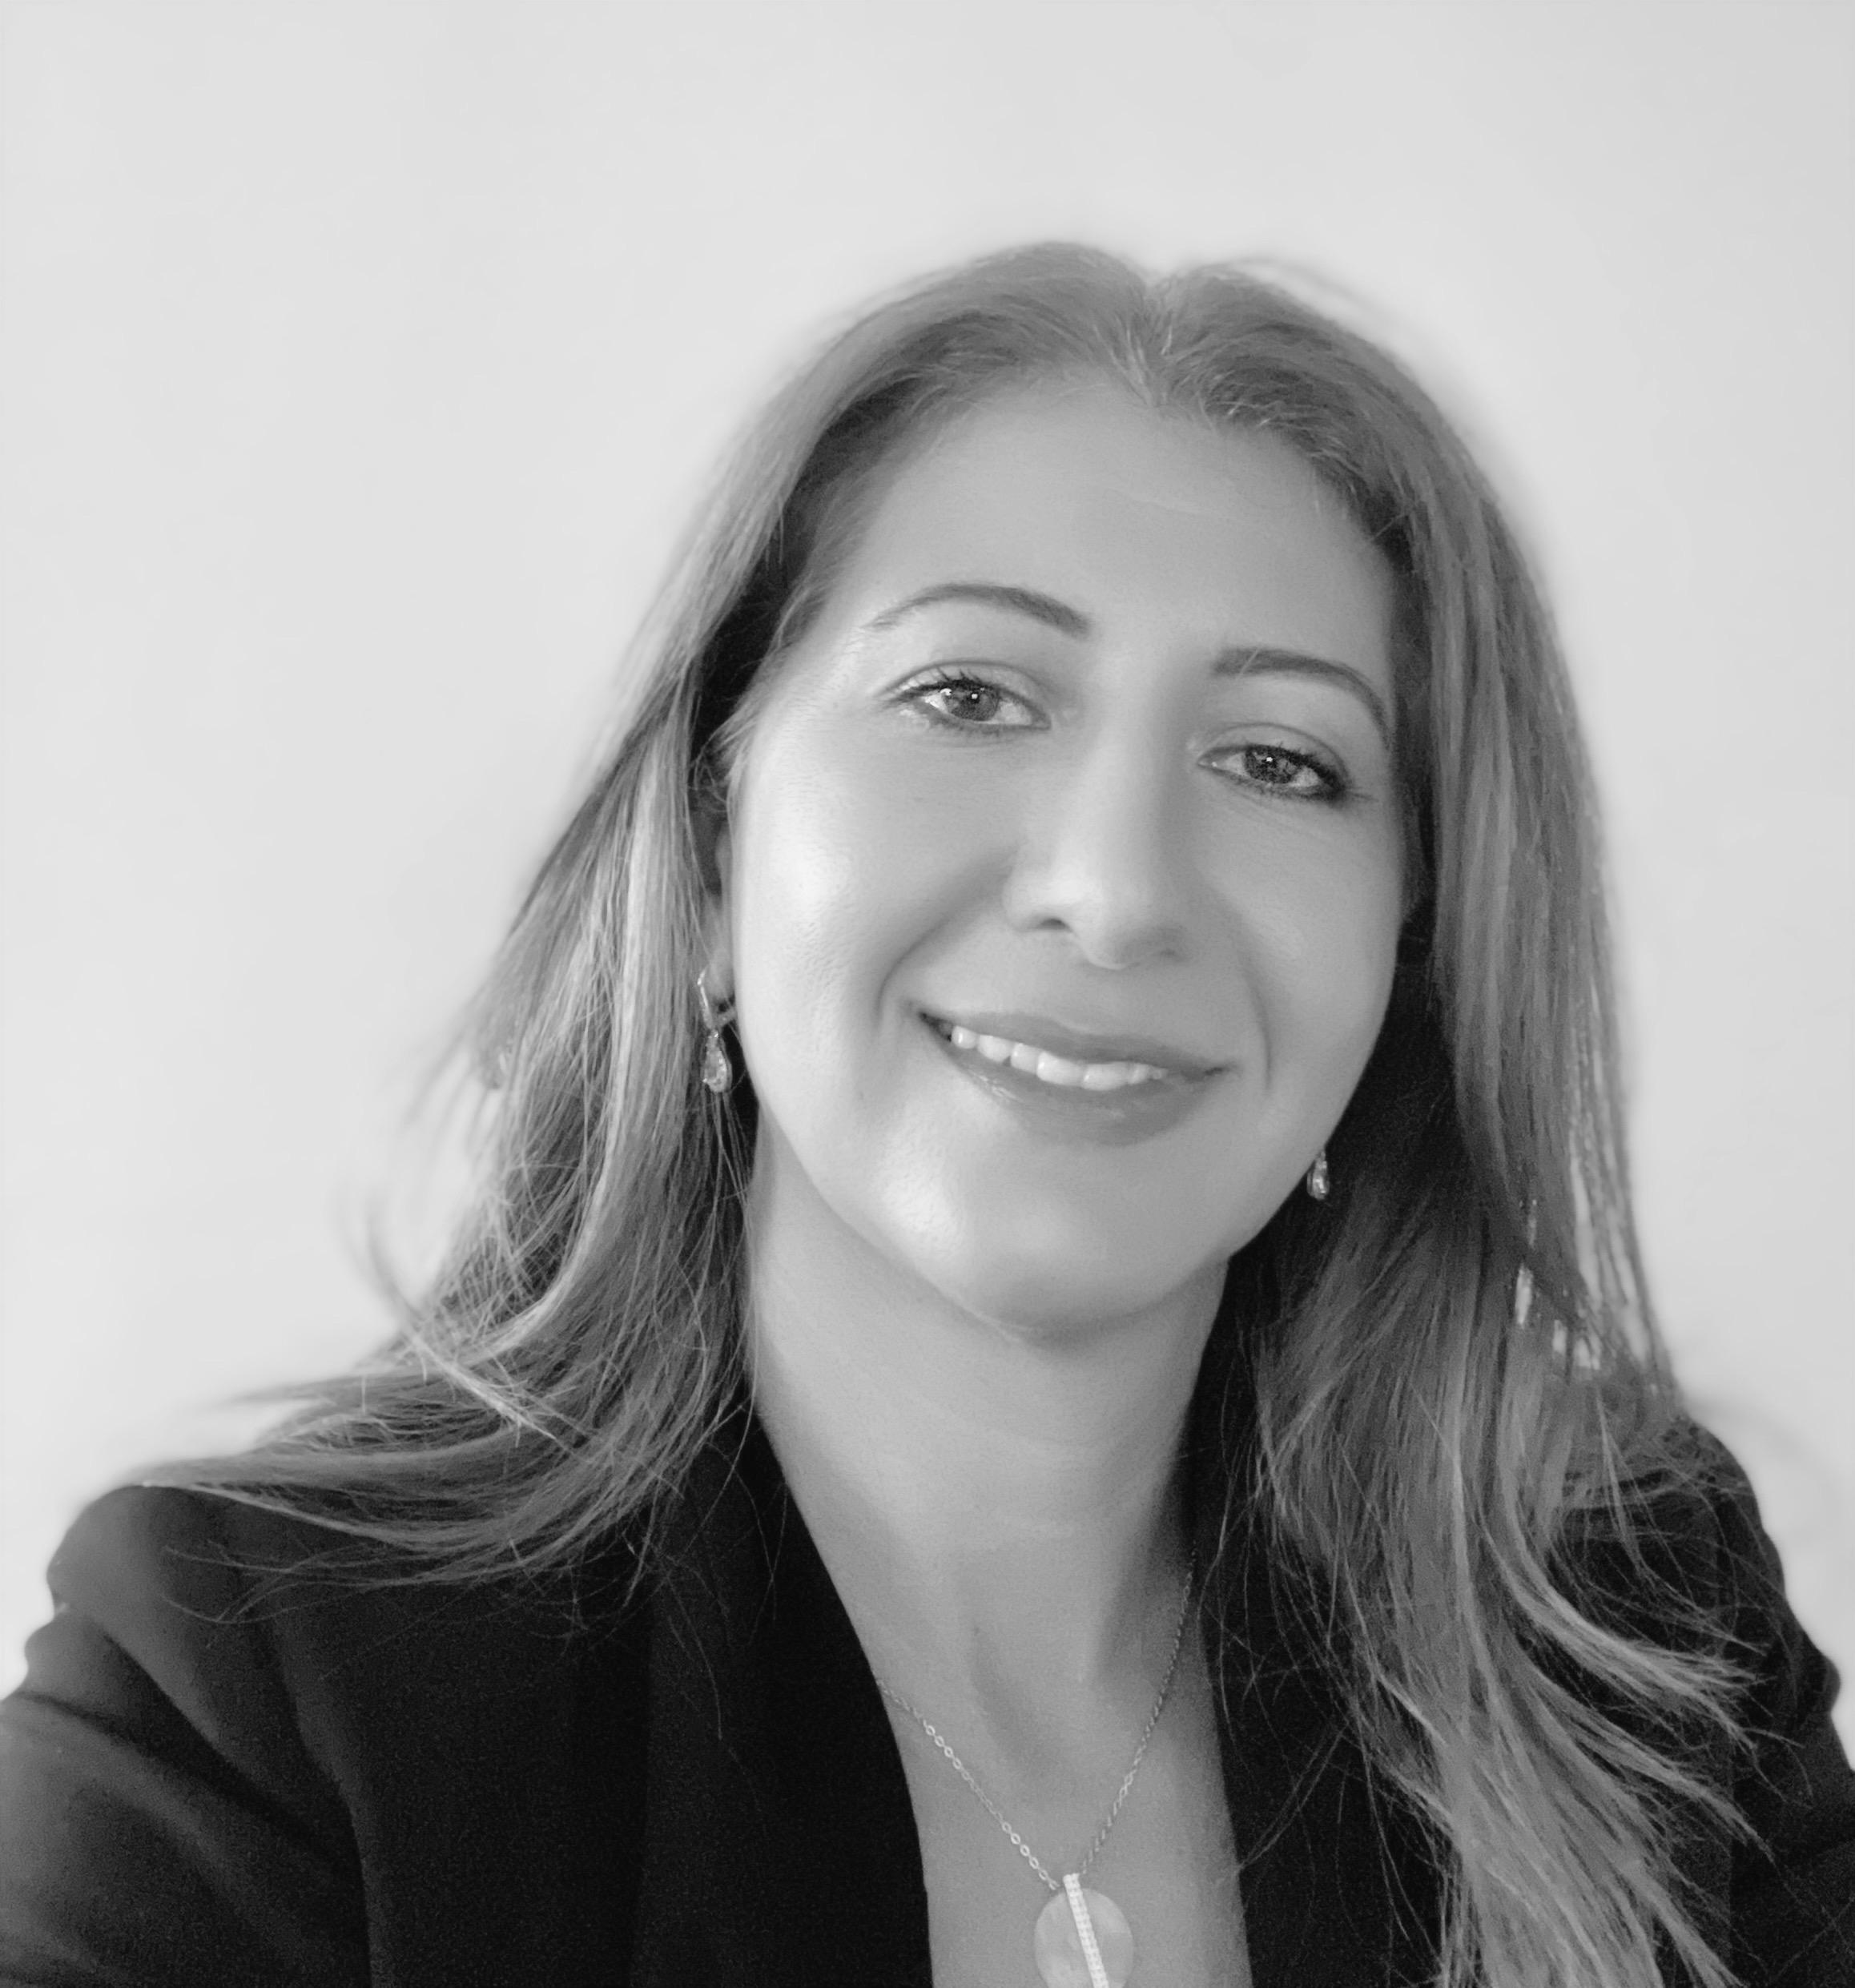 Nora Osman